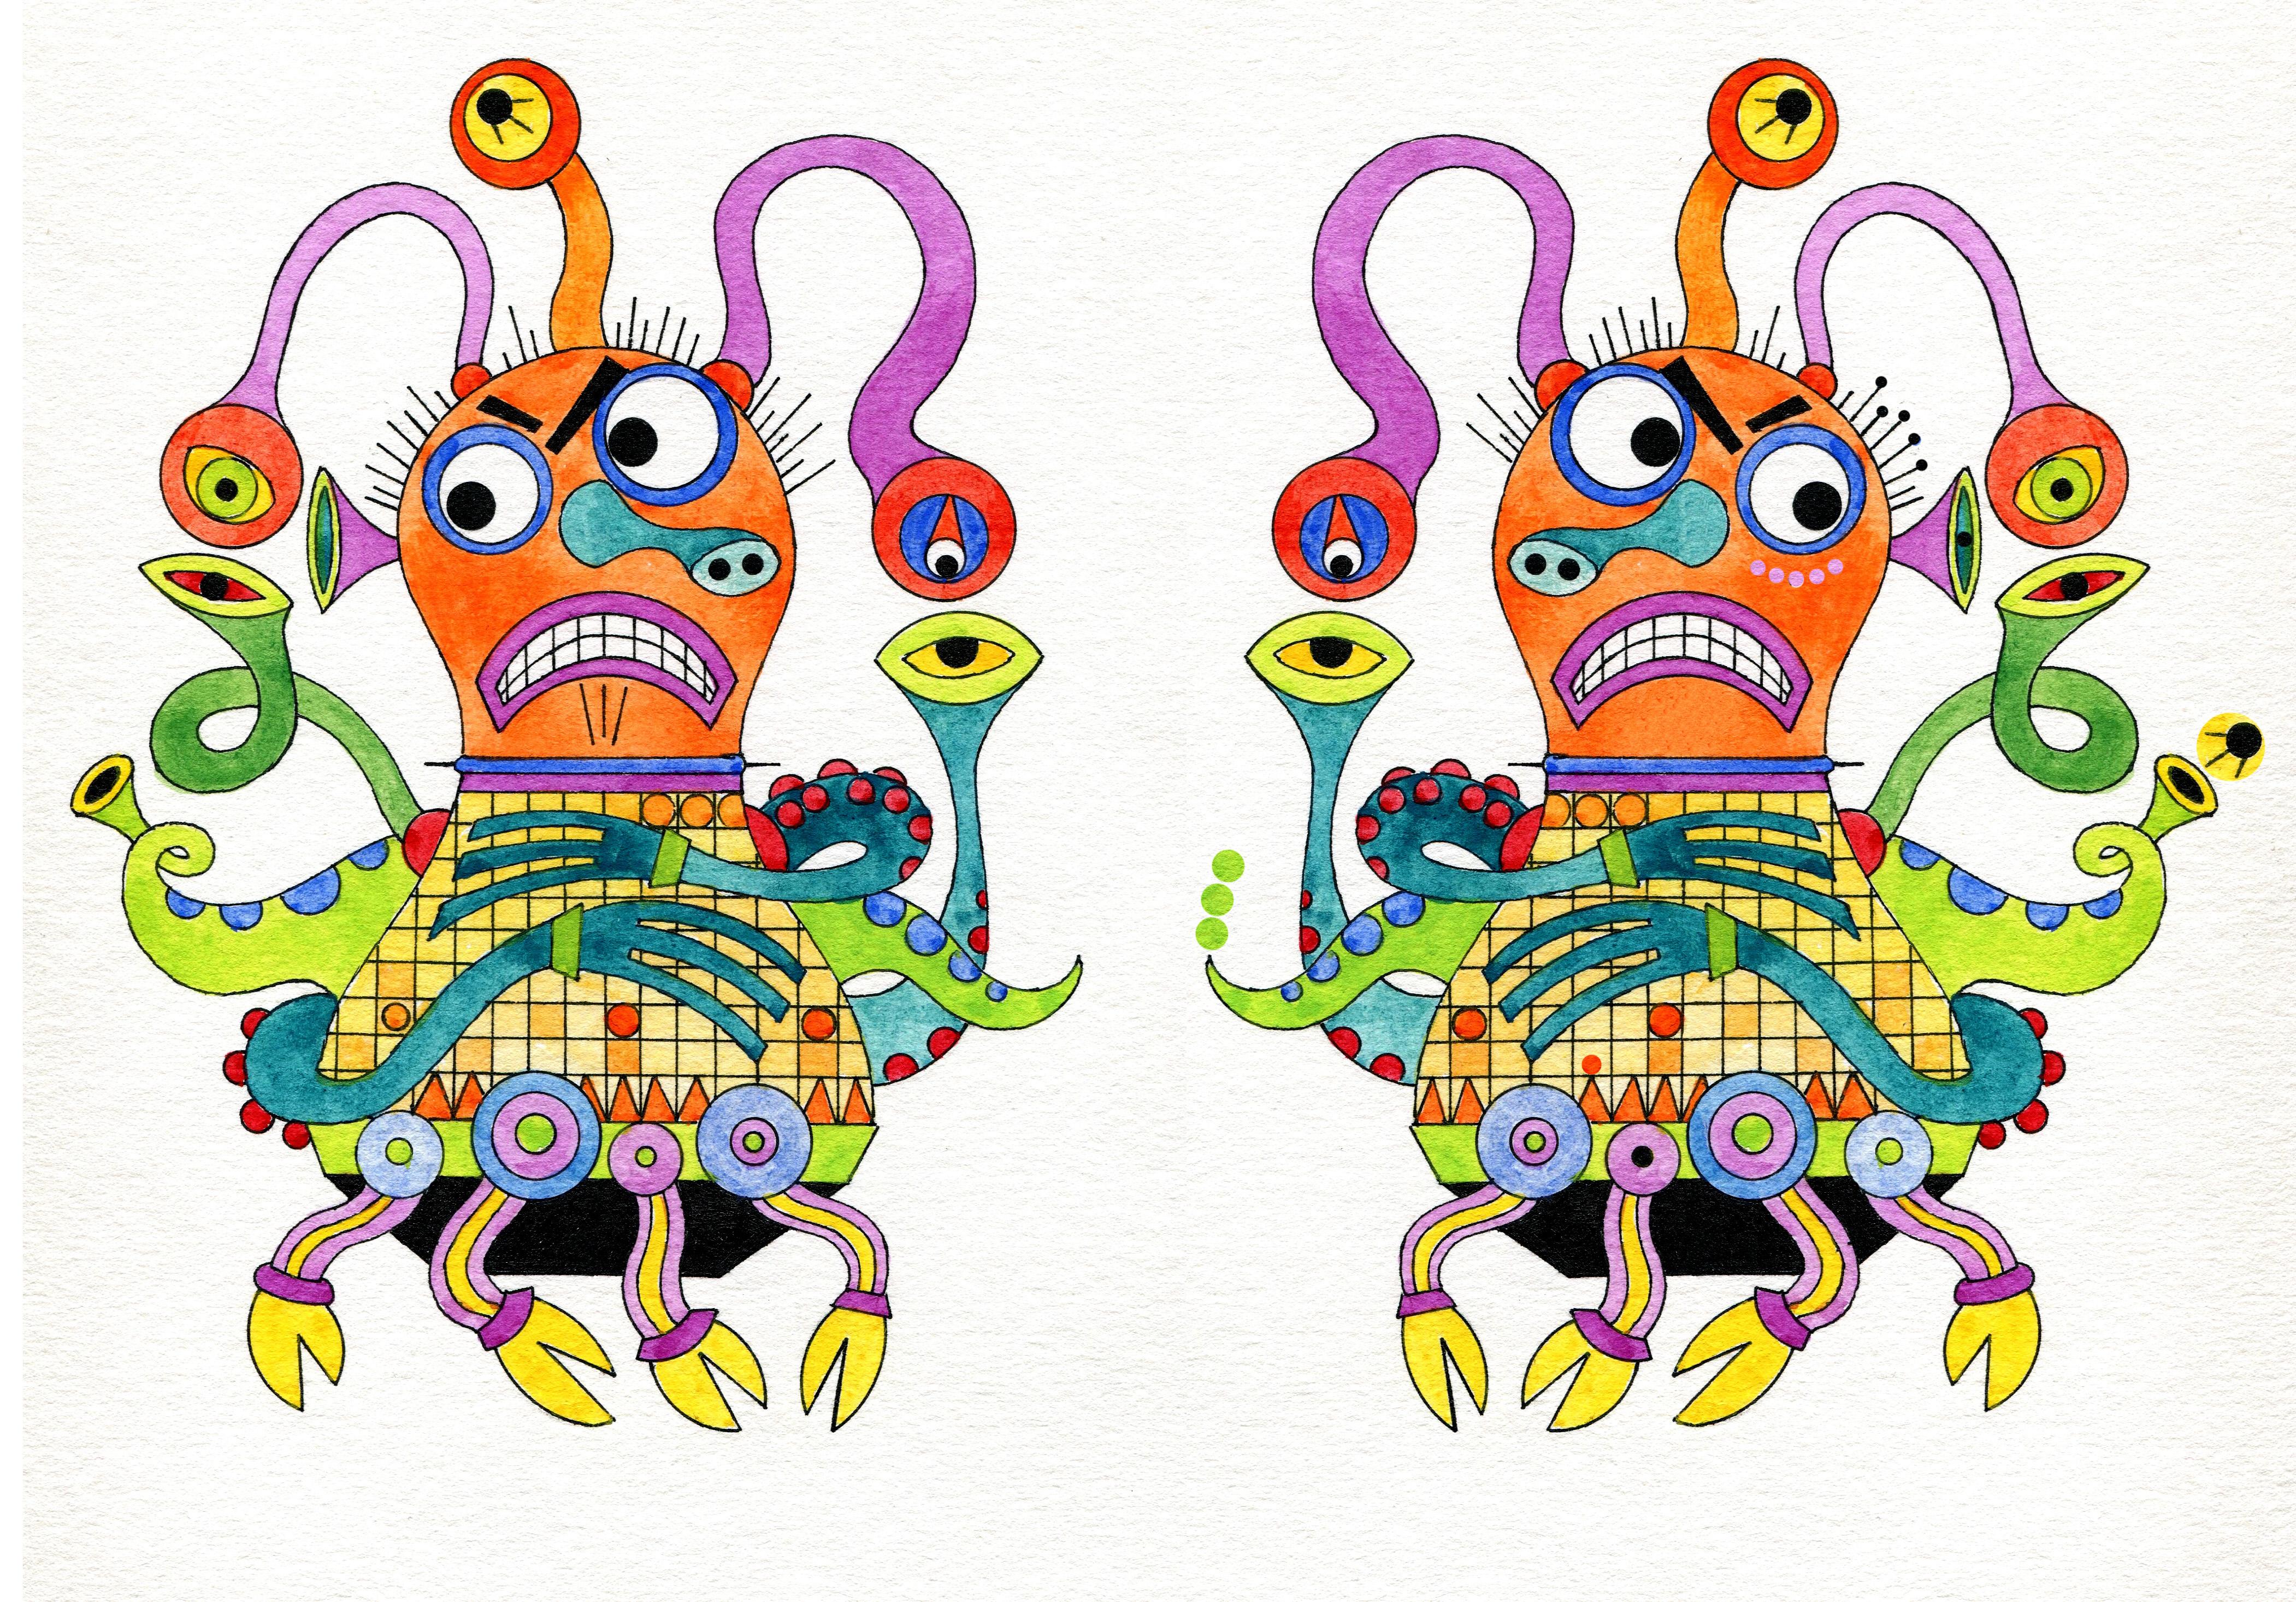 Encuentra las 10 diferencias entre estos virus que enloquecen a nuestras computadoras. Ilustración de Cristina Brusca